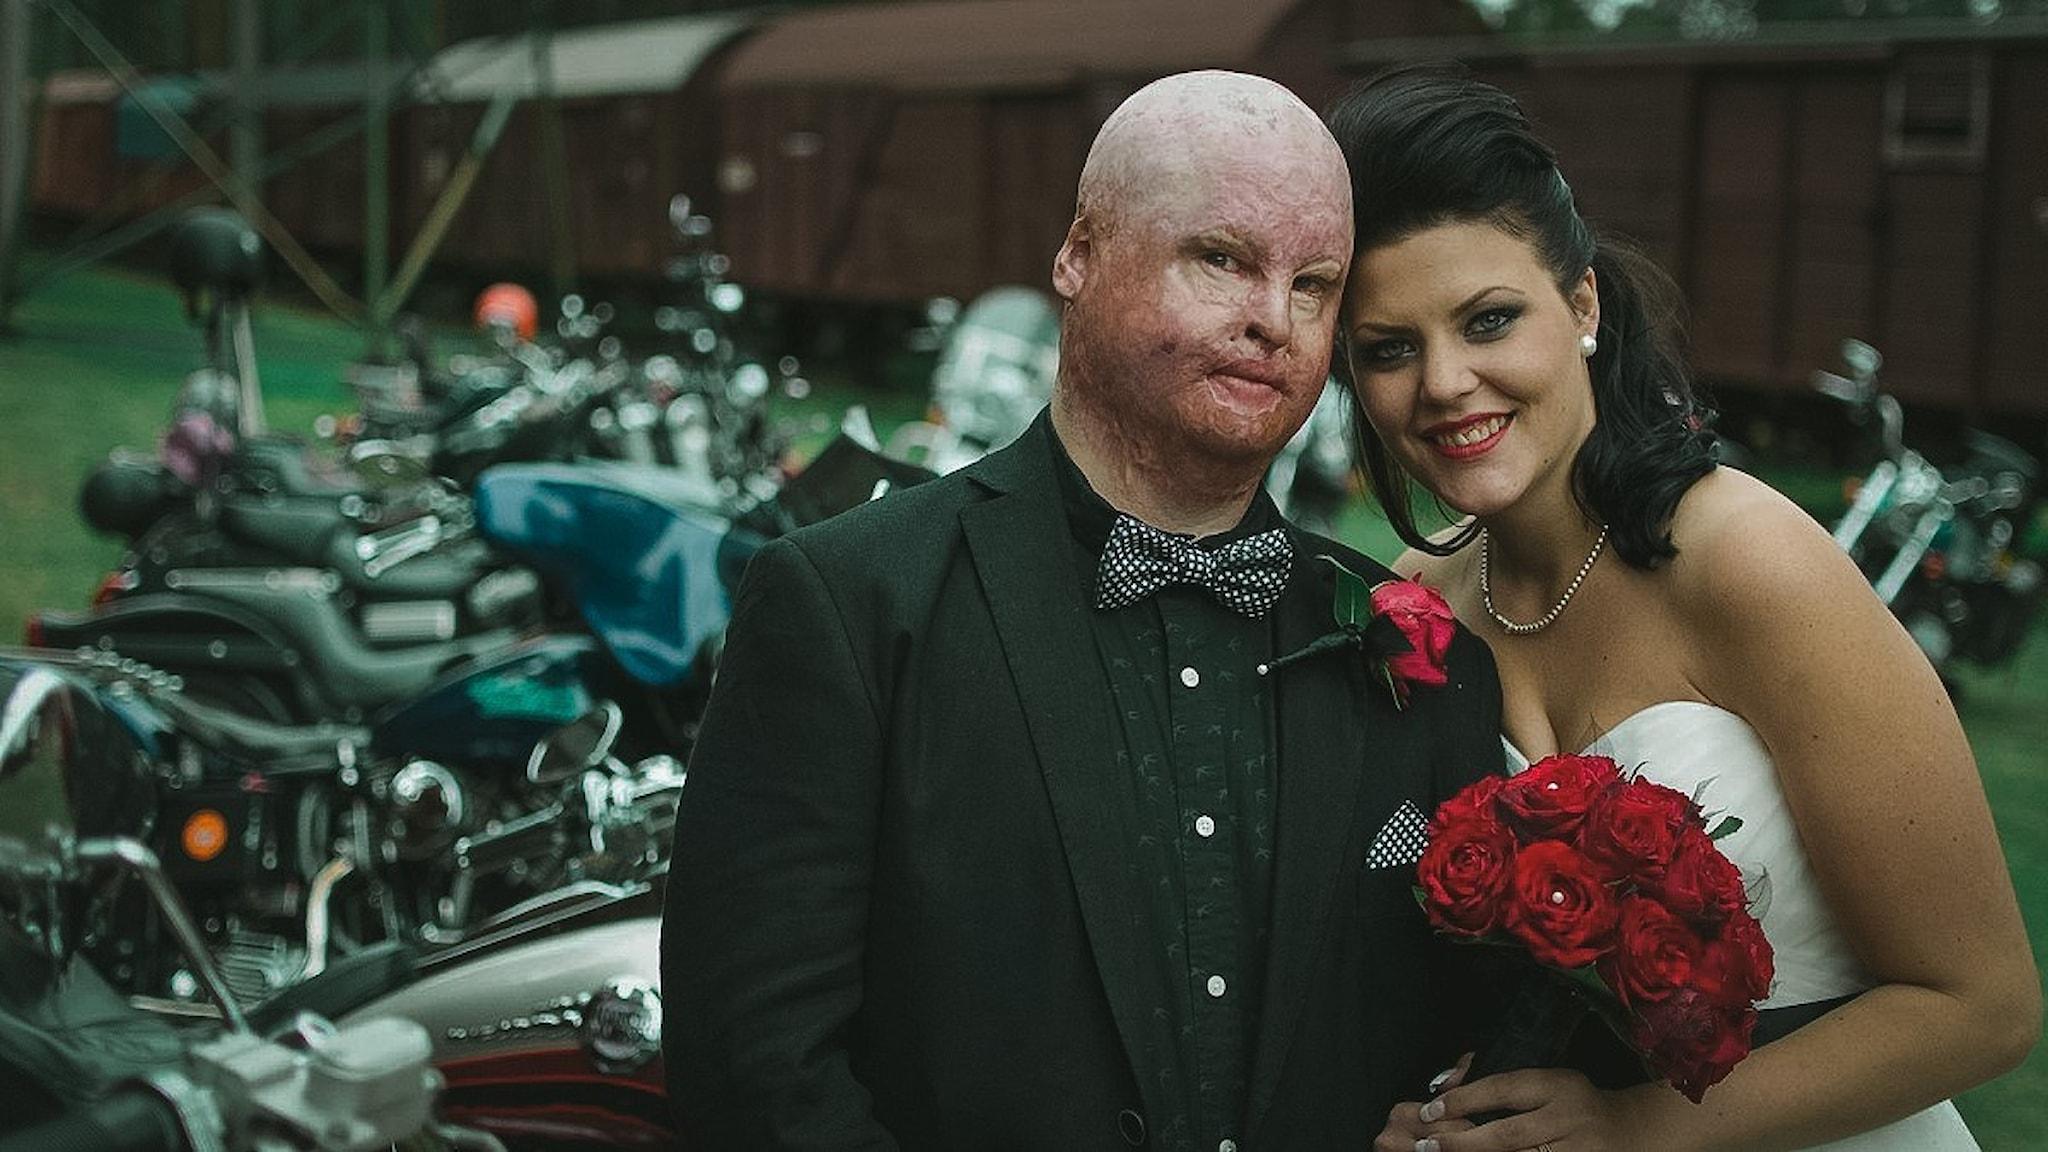 Gustaf och Pernilla Seppelin. Bröllop med motorcyklar.